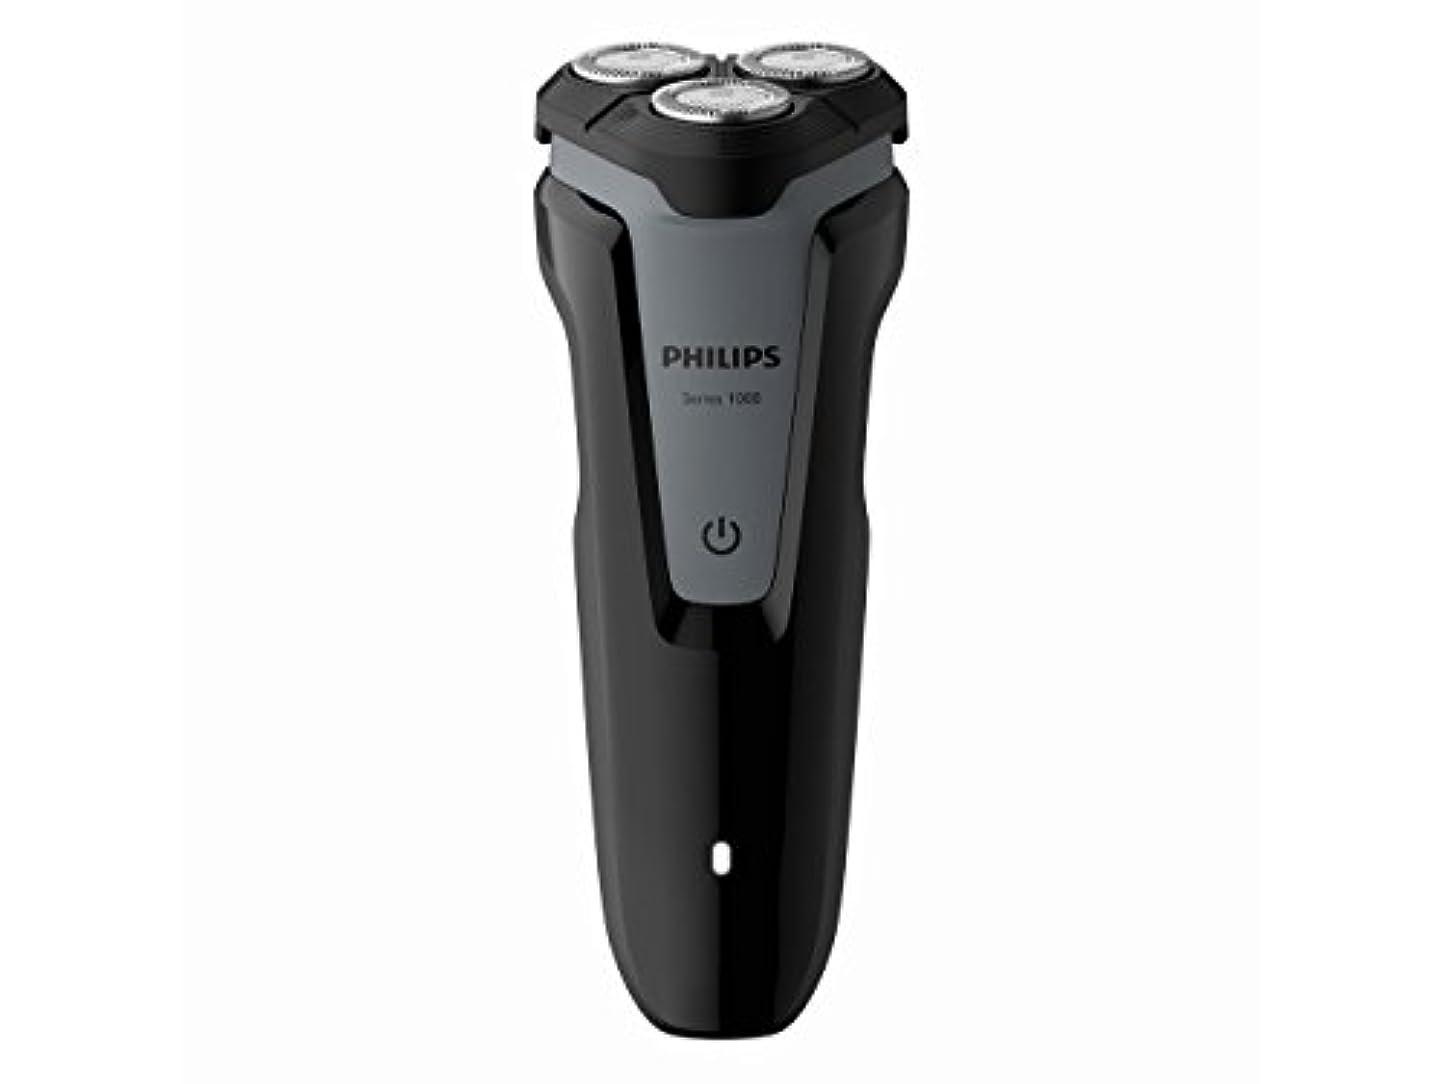 豊かにする違う主要なフィリップス 1000シリーズ メンズ電気シェーバー 回転刃 お風呂剃り可 S1041/03